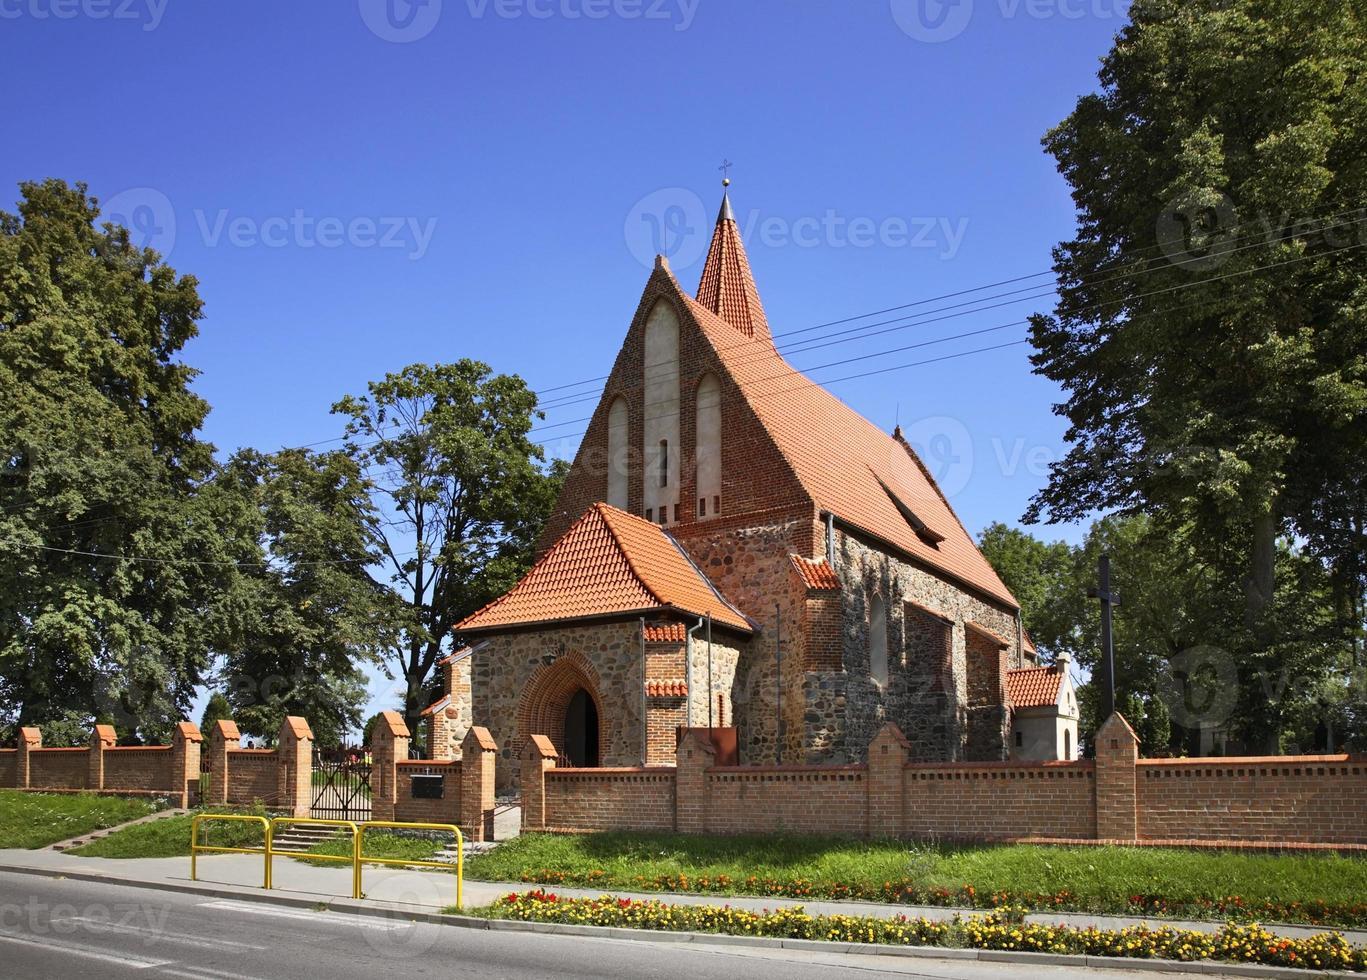 kyrkan i St. catherine of alexandria i grzywna. polen foto